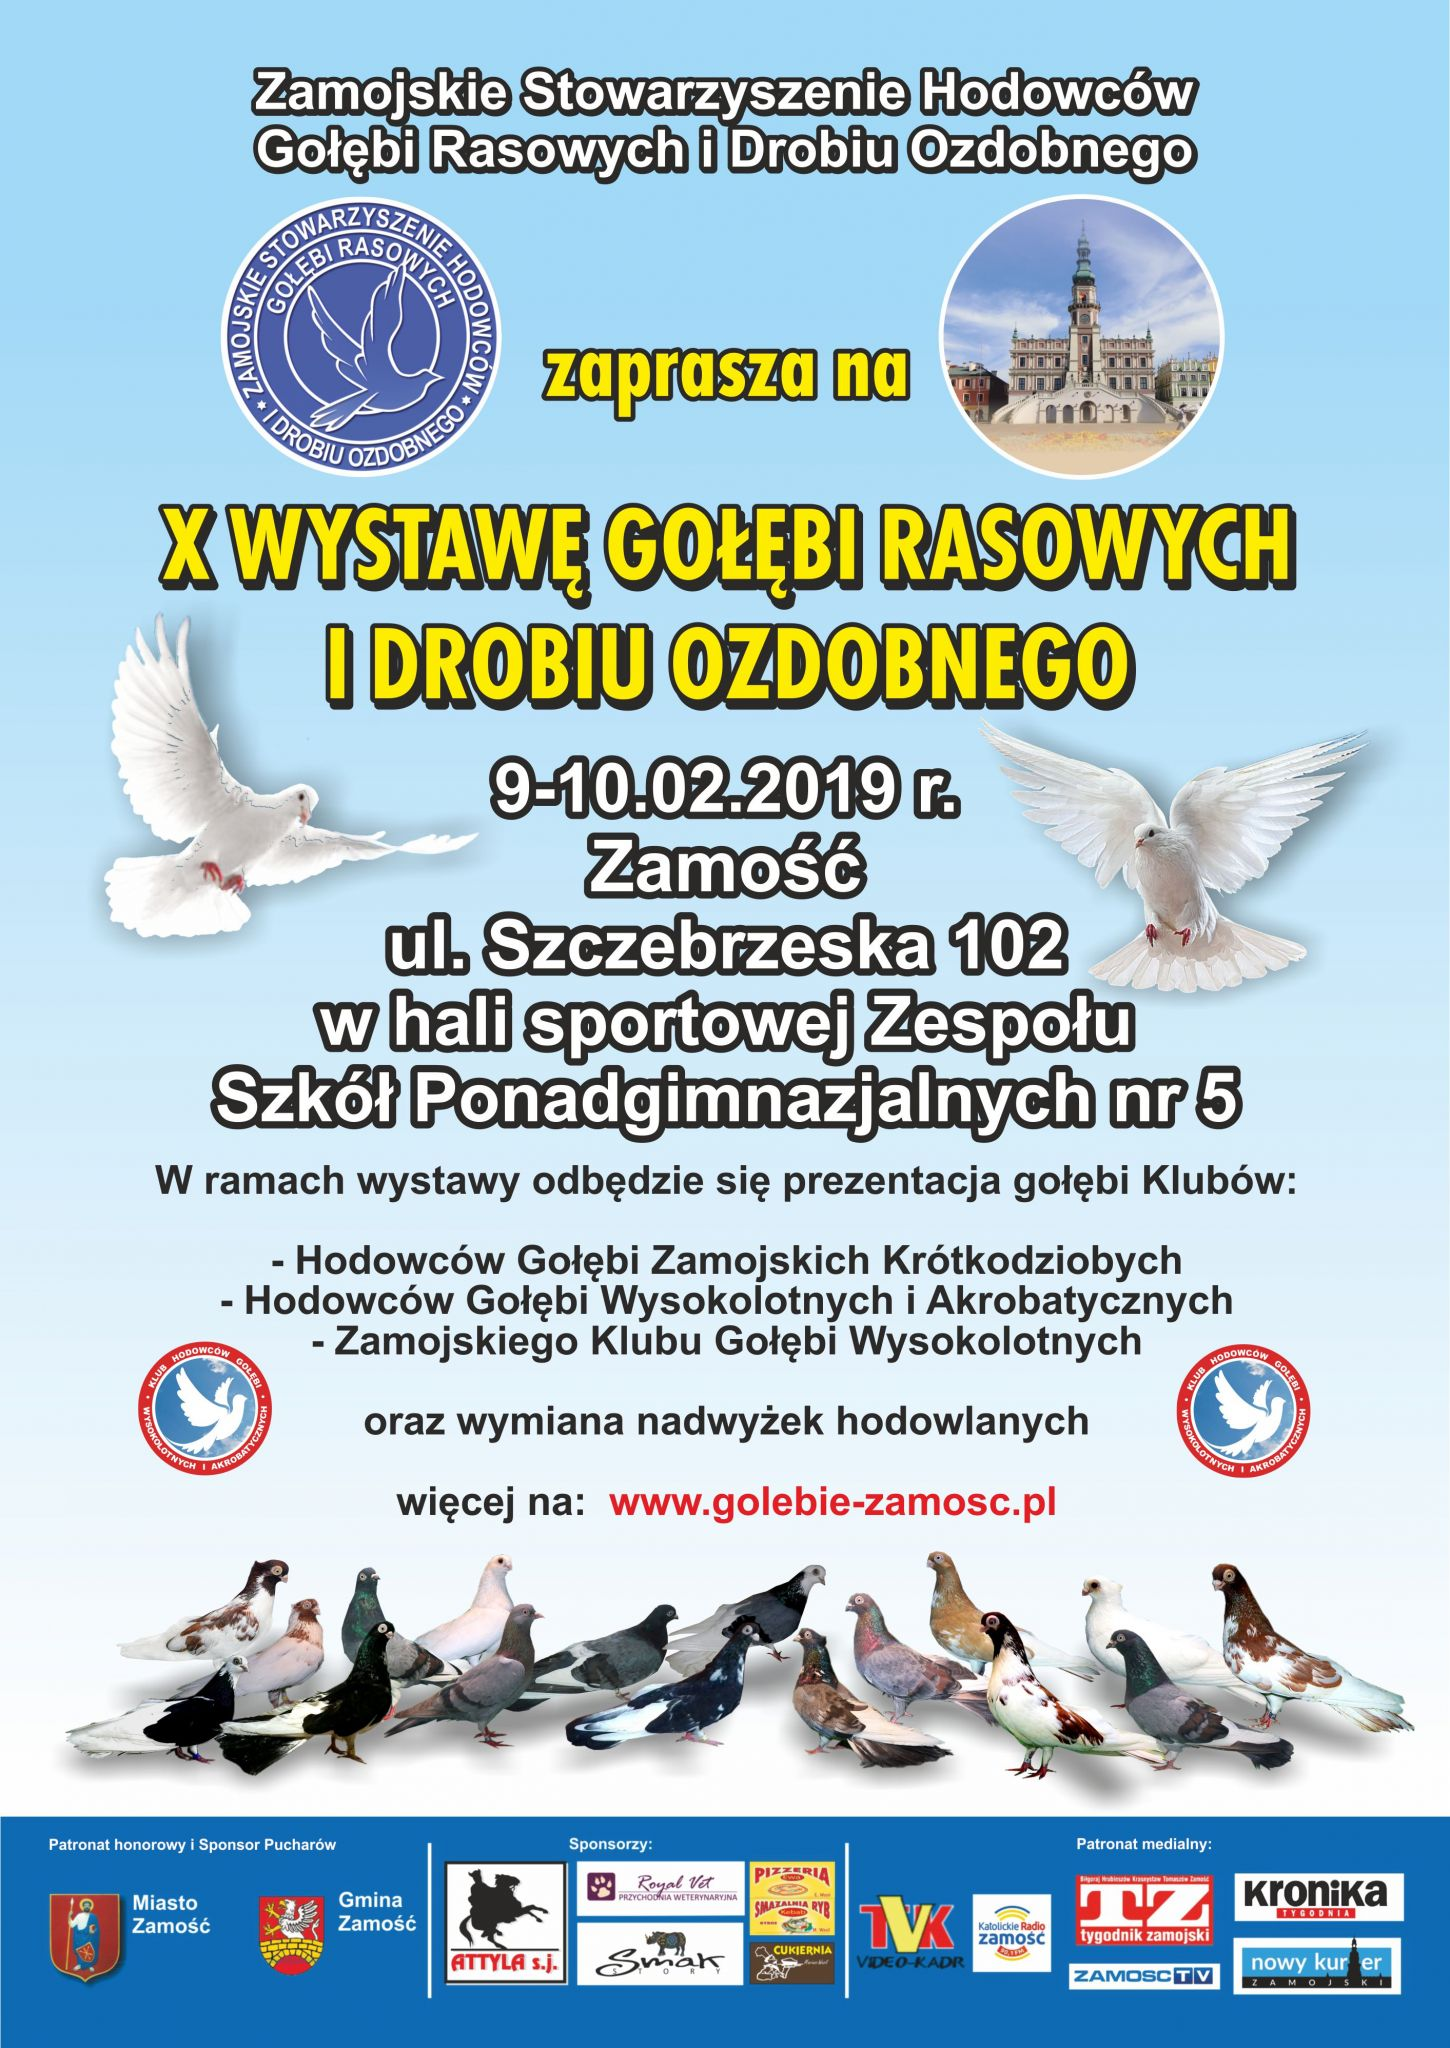 wasil plakat golebie WkrótceX Zamojska Wystawa Gołębi Rasowych i Drobiu Ozdobnego